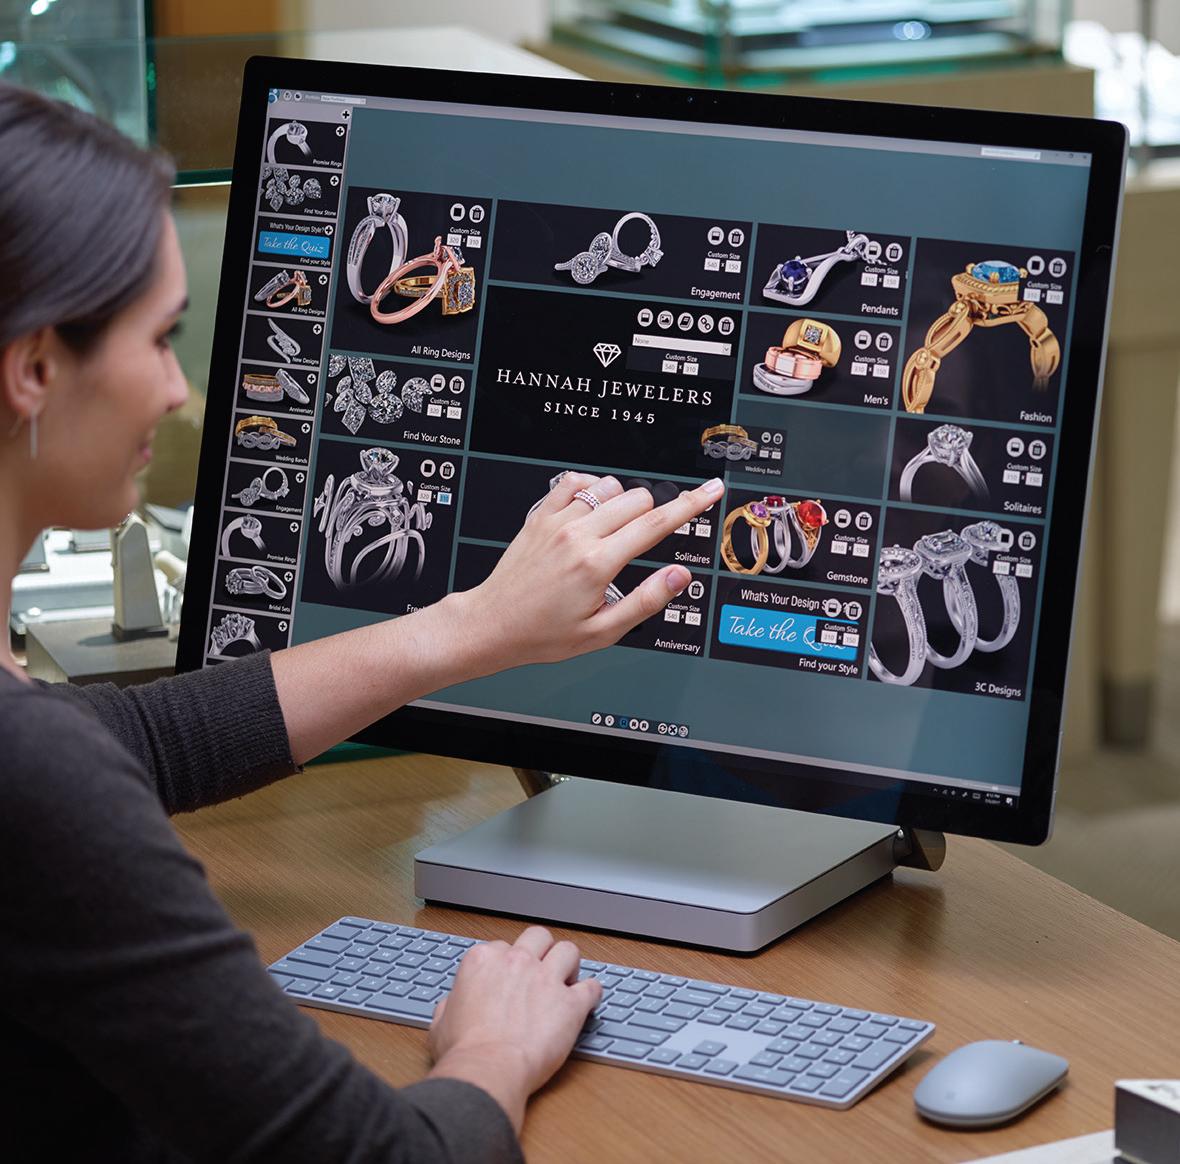 Cad cam designer tools ganoksin jewelry making community